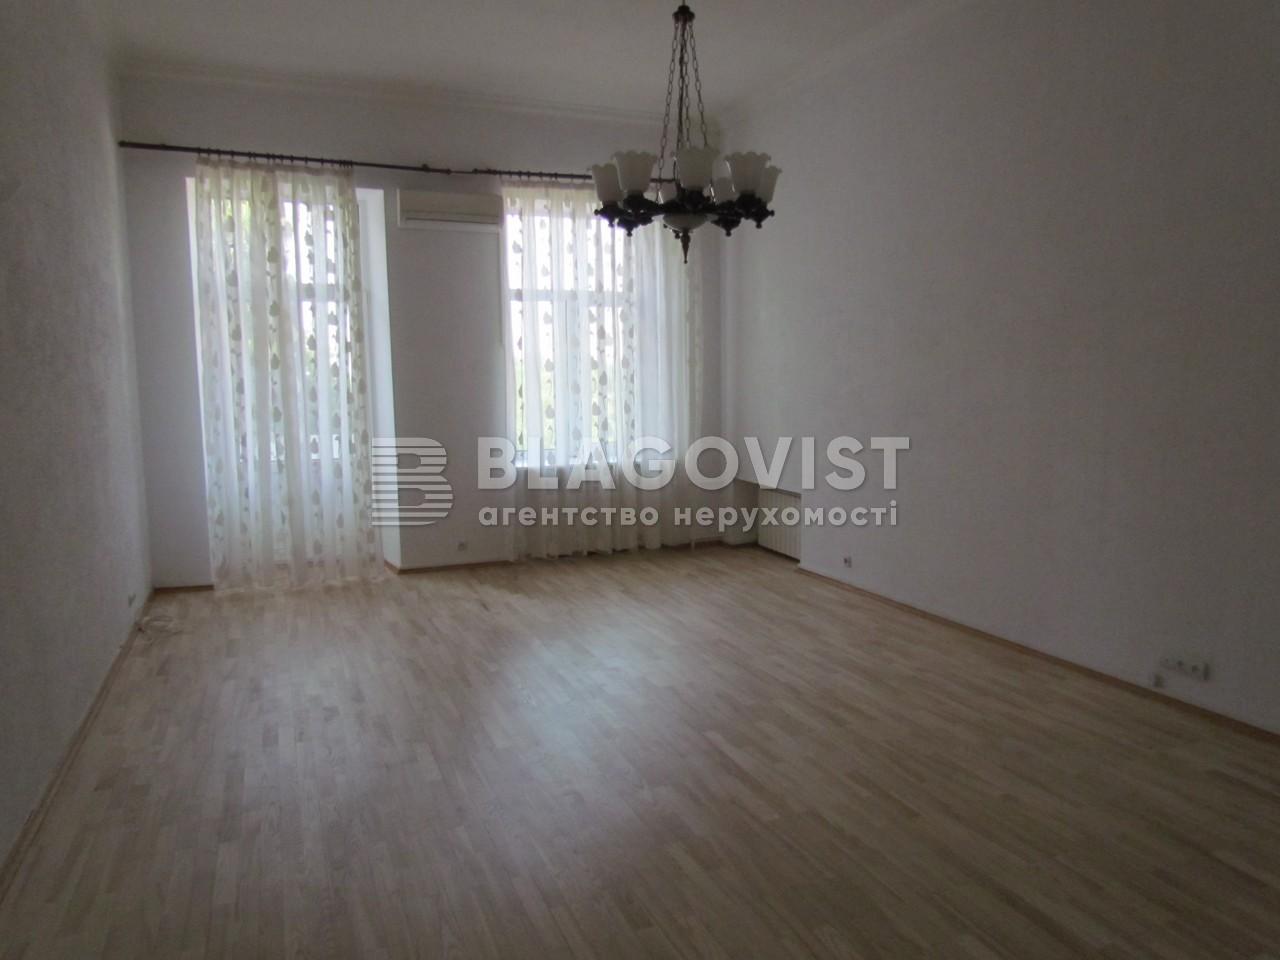 Офис, Большая Житомирская, Киев, F-14237 - Фото 3